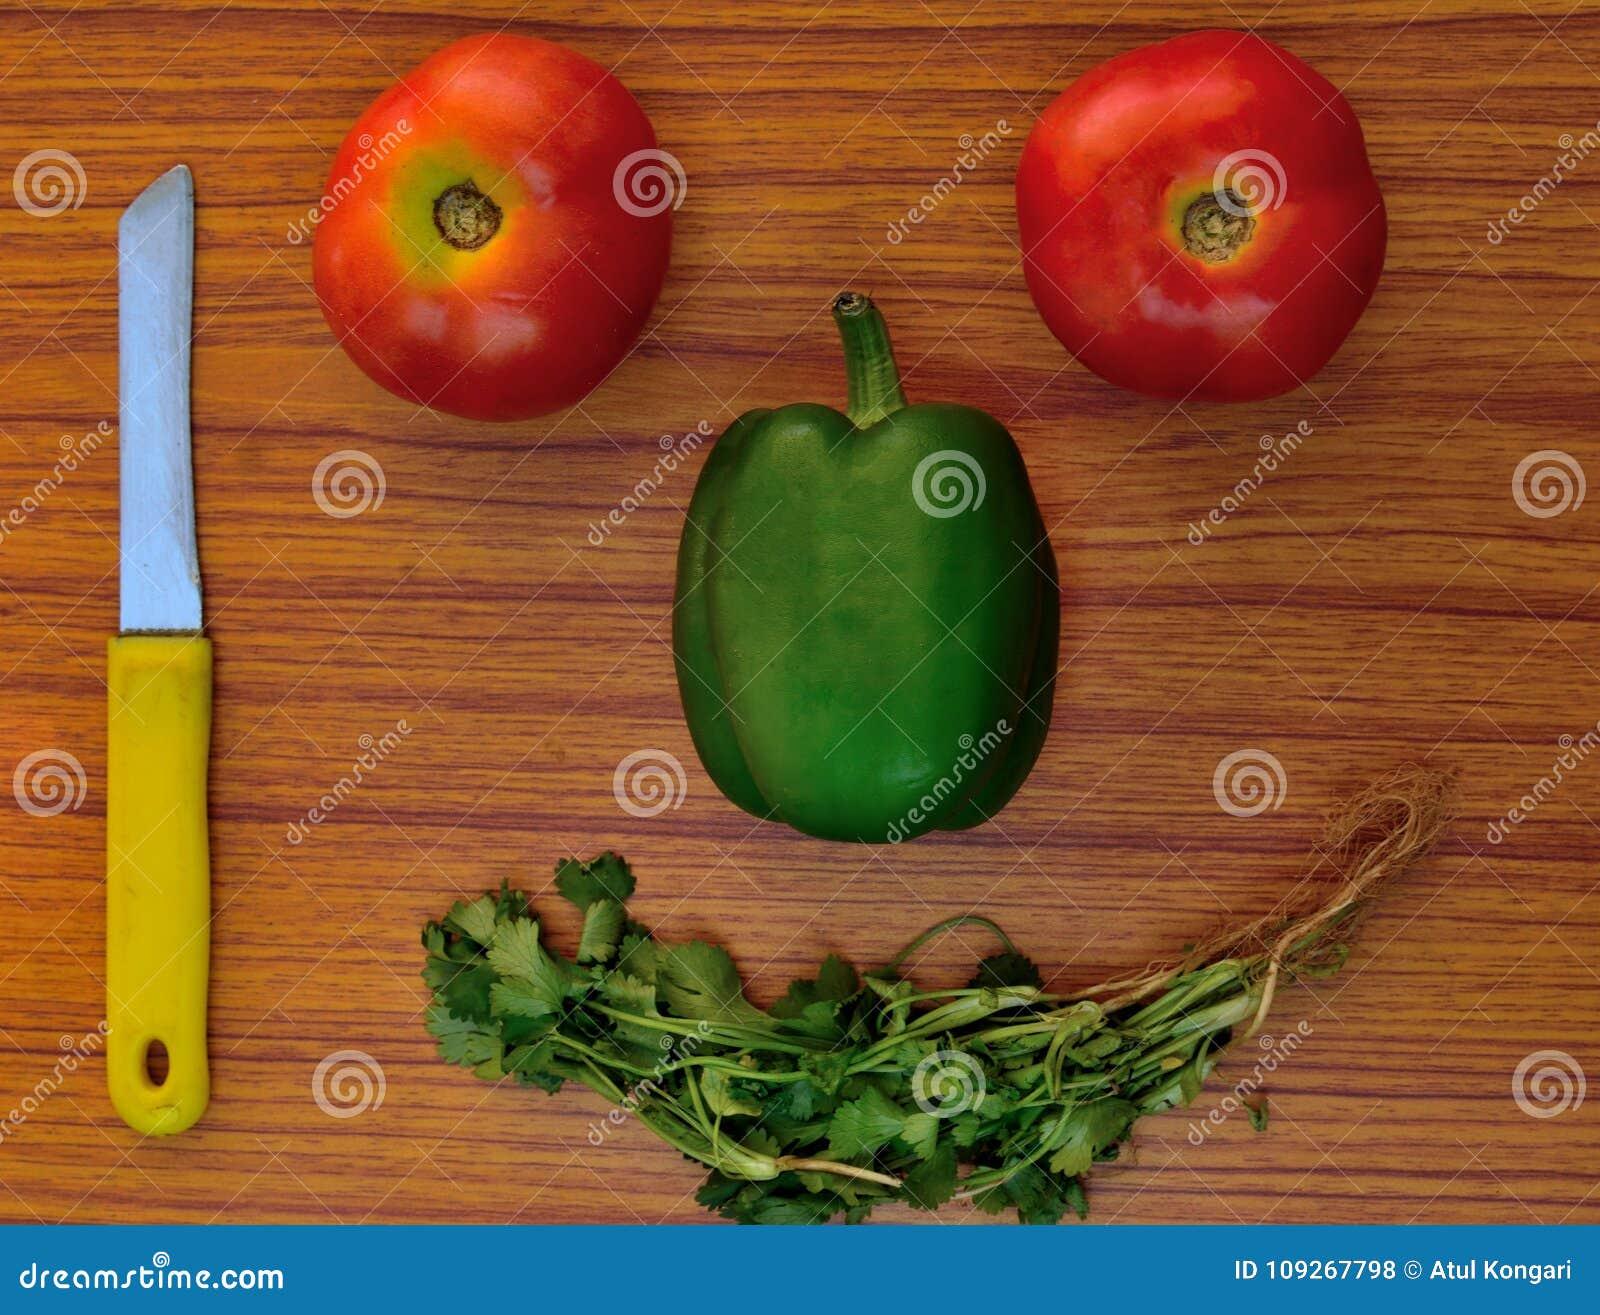 Glückliches Gesicht gebildet vom gesunden Gemüse